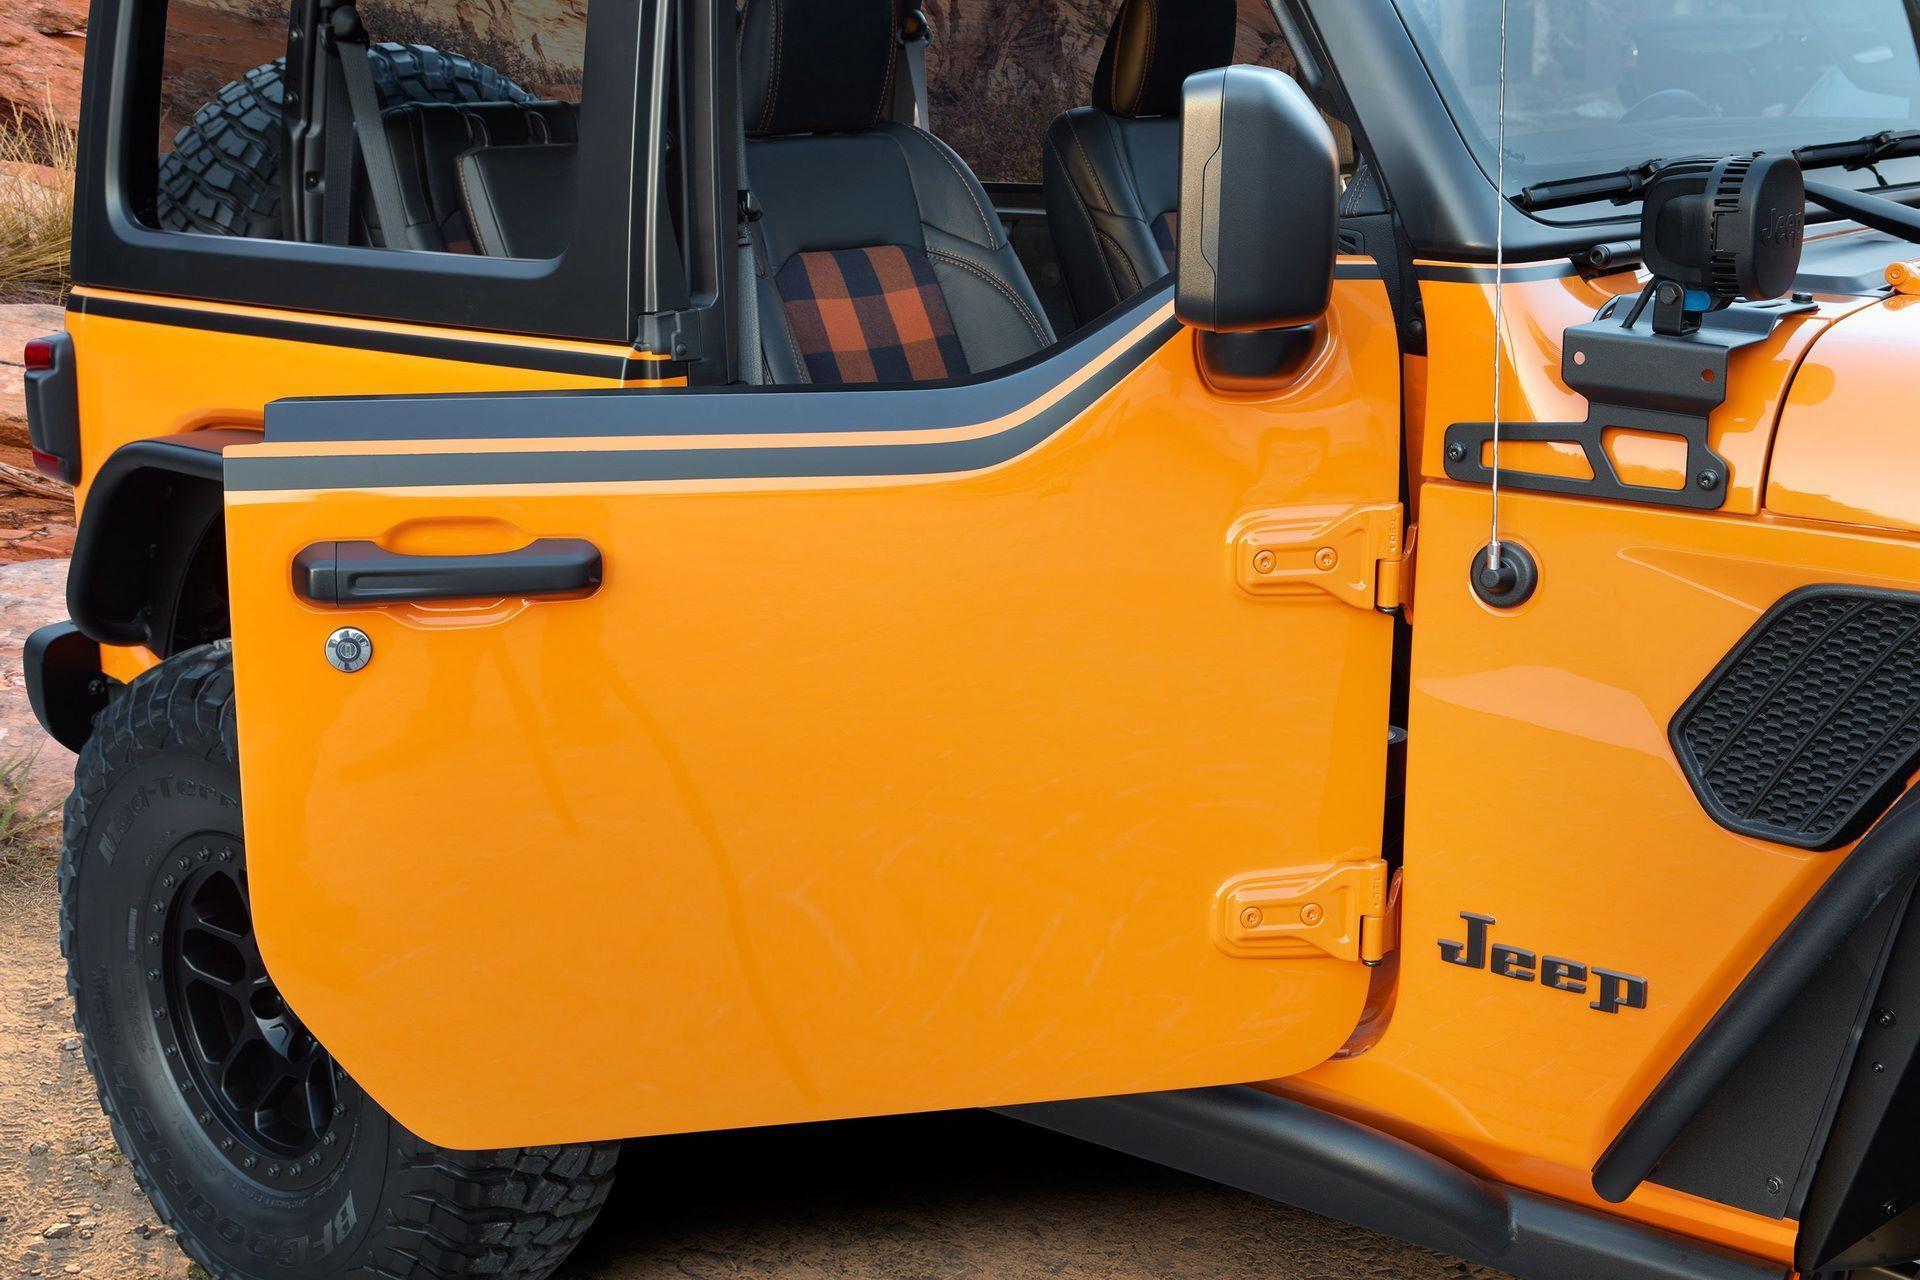 2020-jeep-wrangler-orange-peelz-concept-4